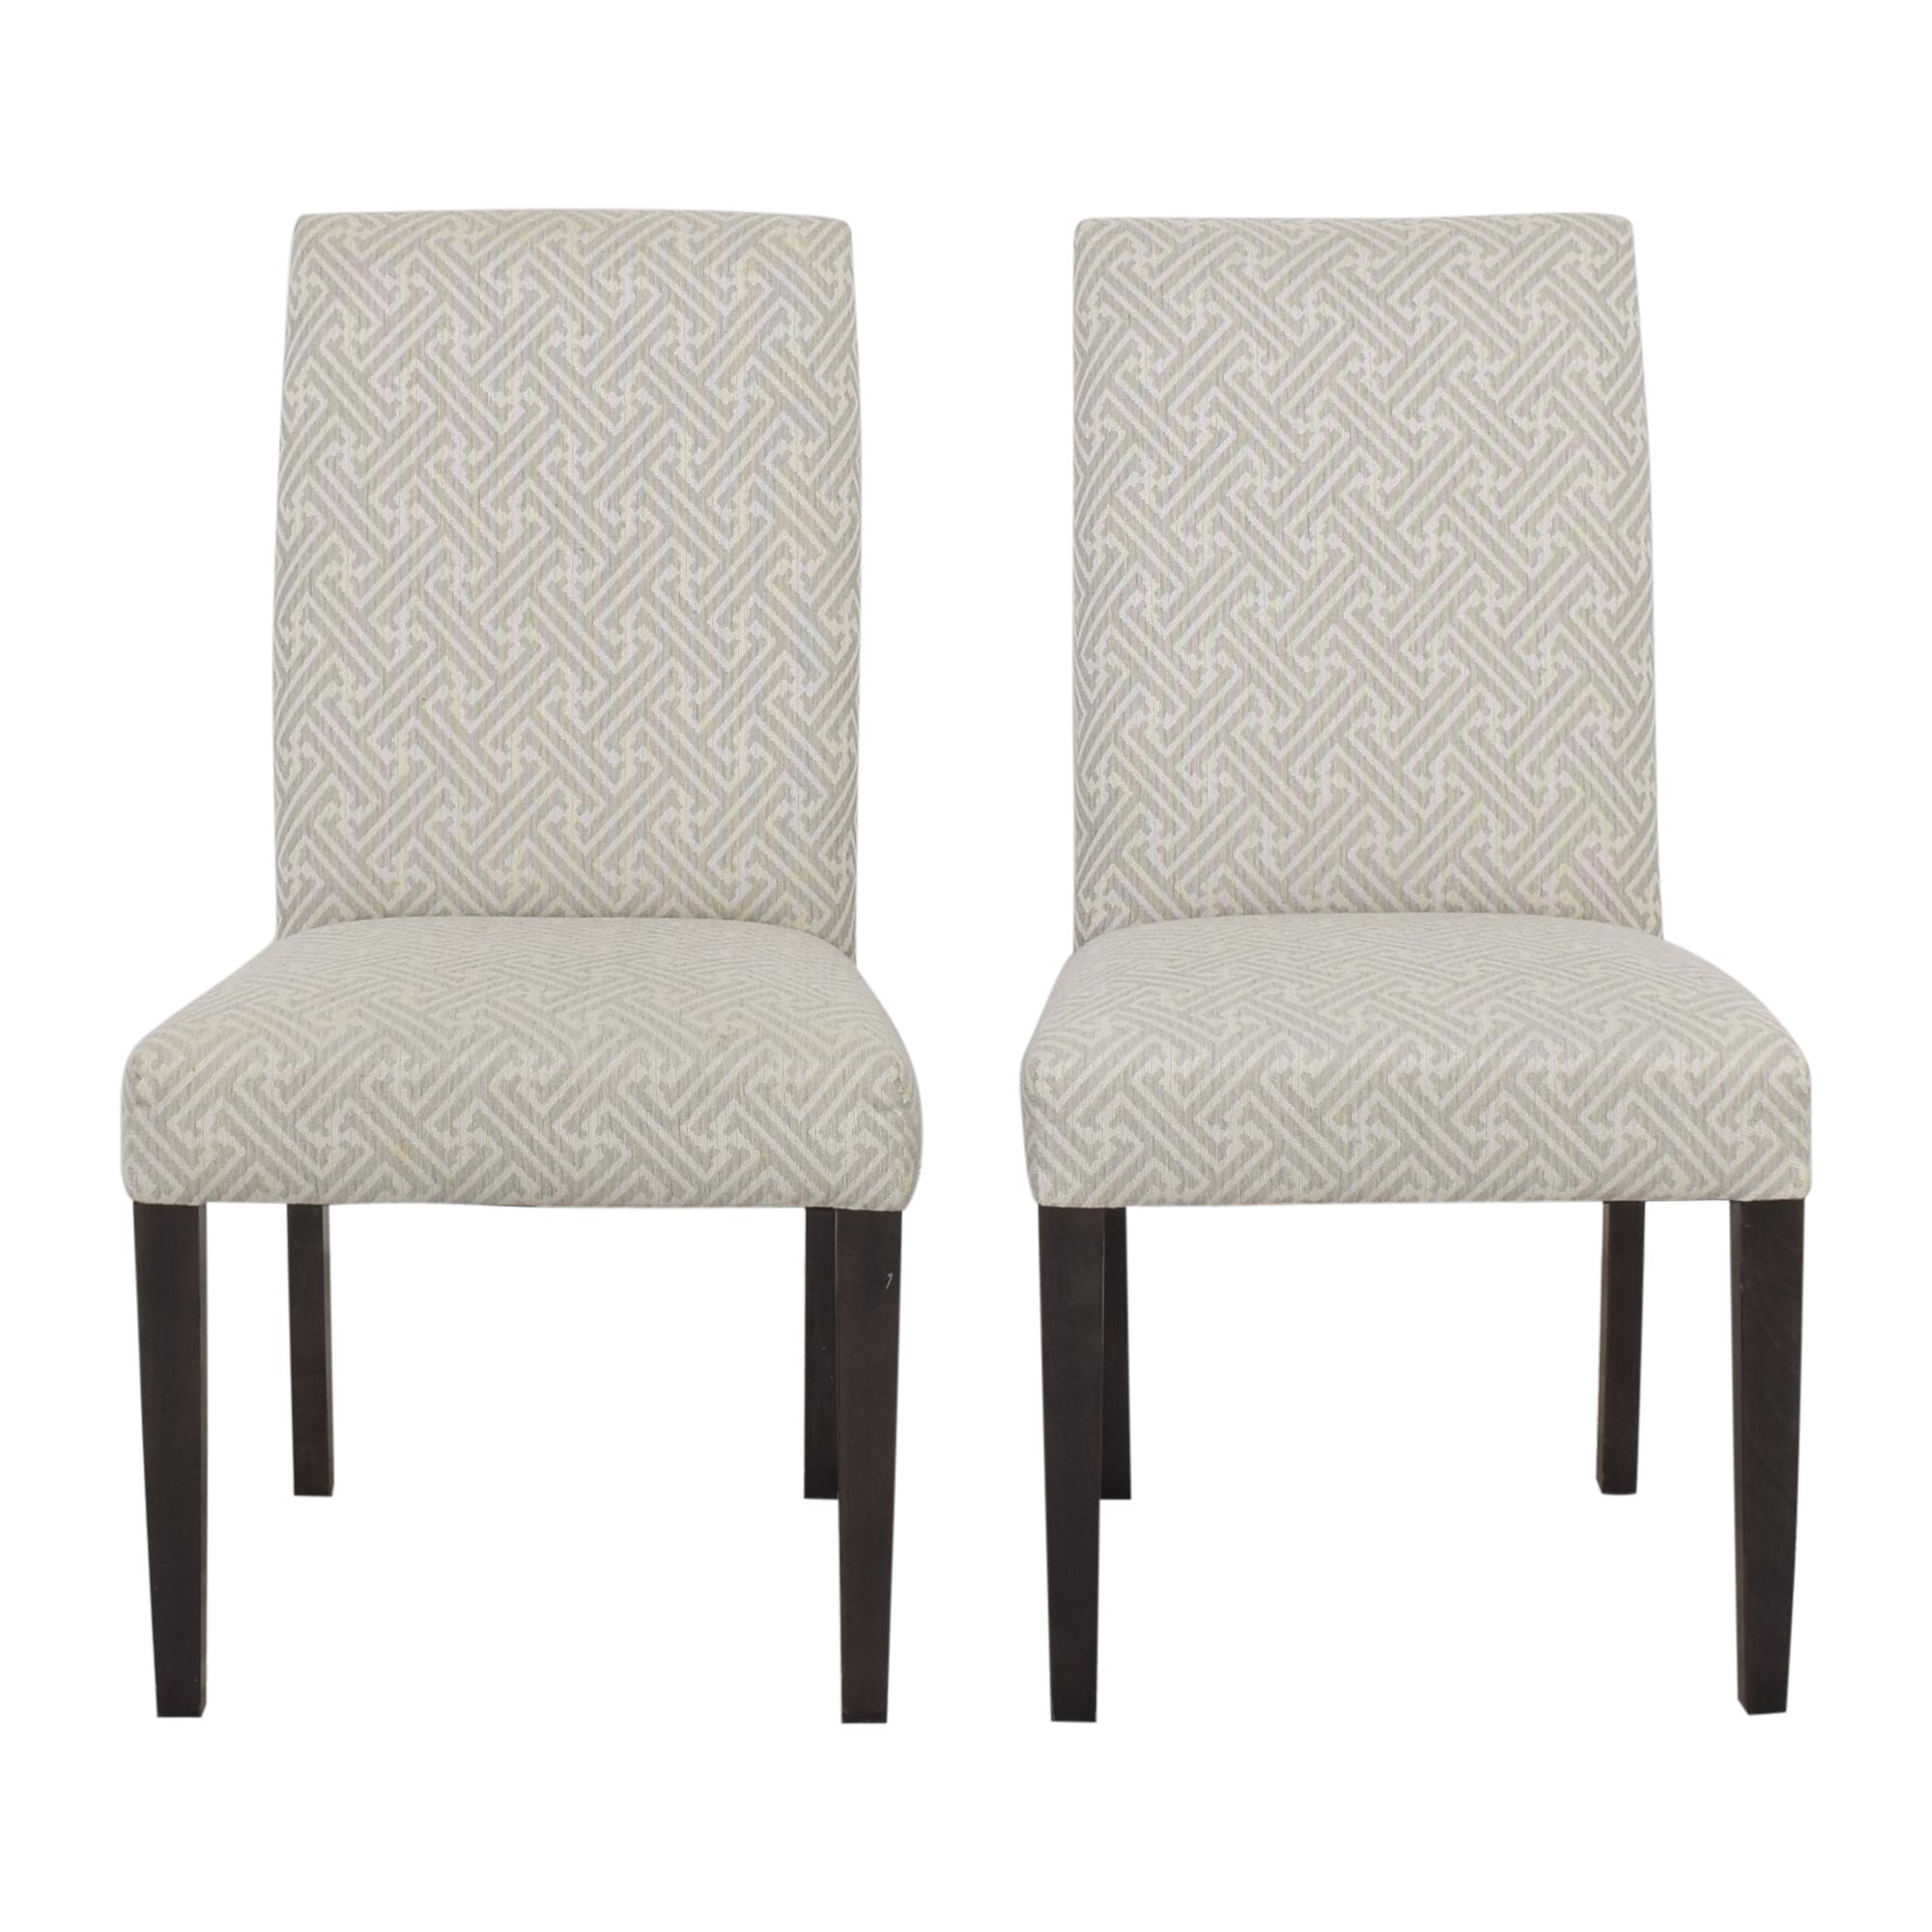 Bassett Furniture Bassett Custom Upholstered Dining Chairs nj